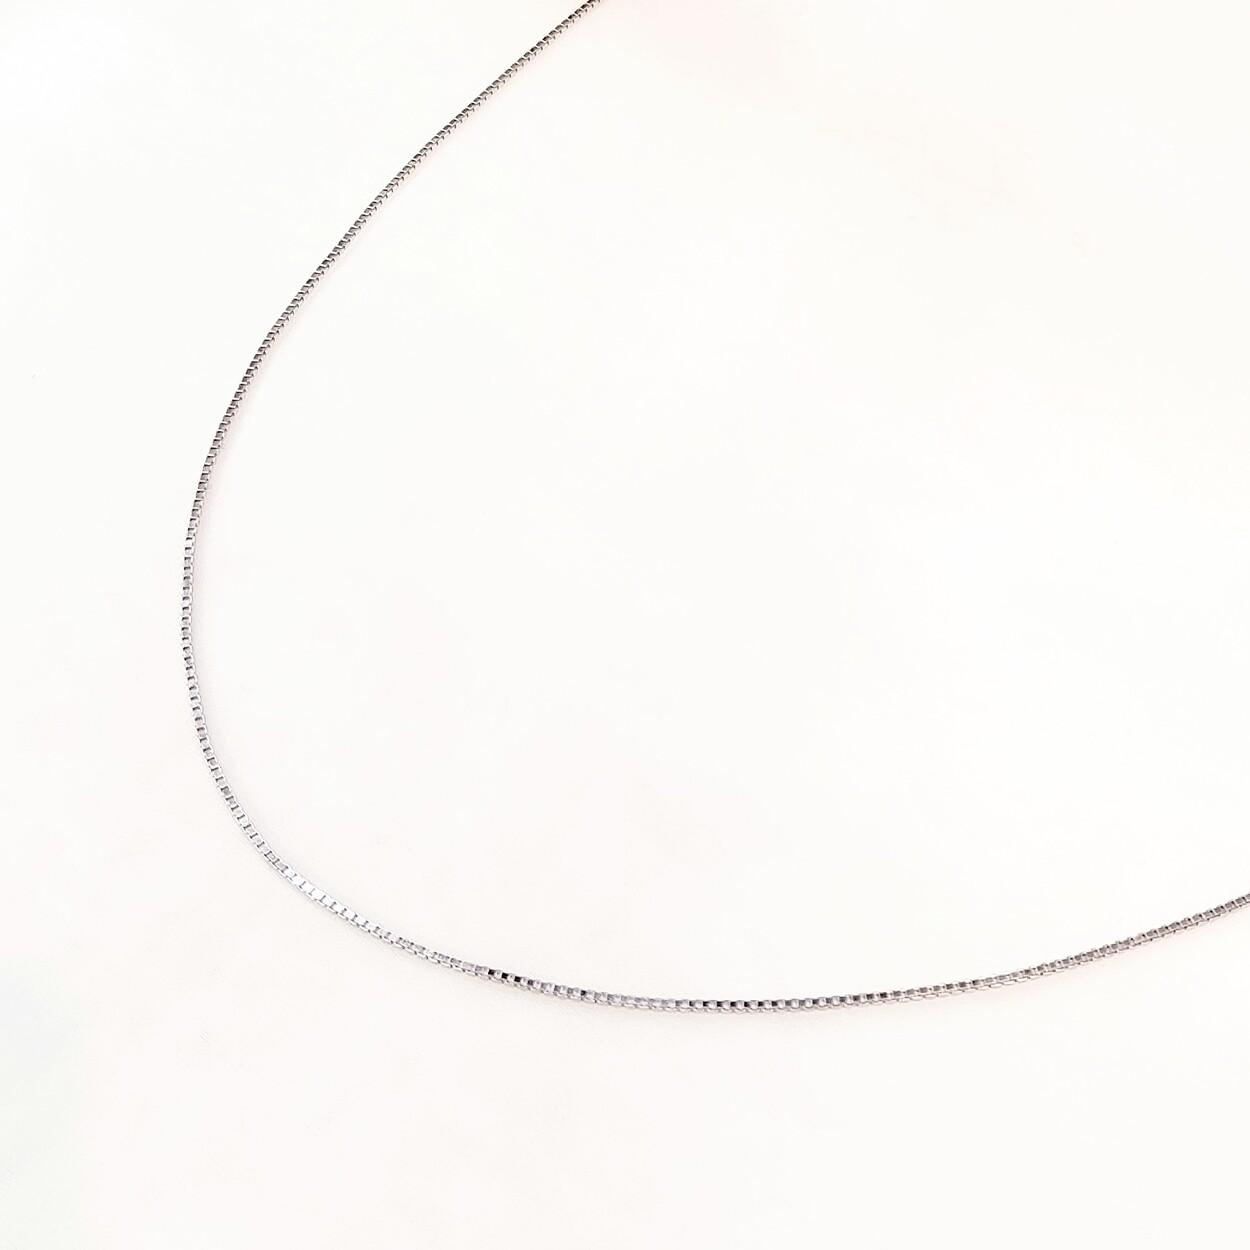 ネックレス チェーンが安い マリコの数量限定ネックレス チェーン